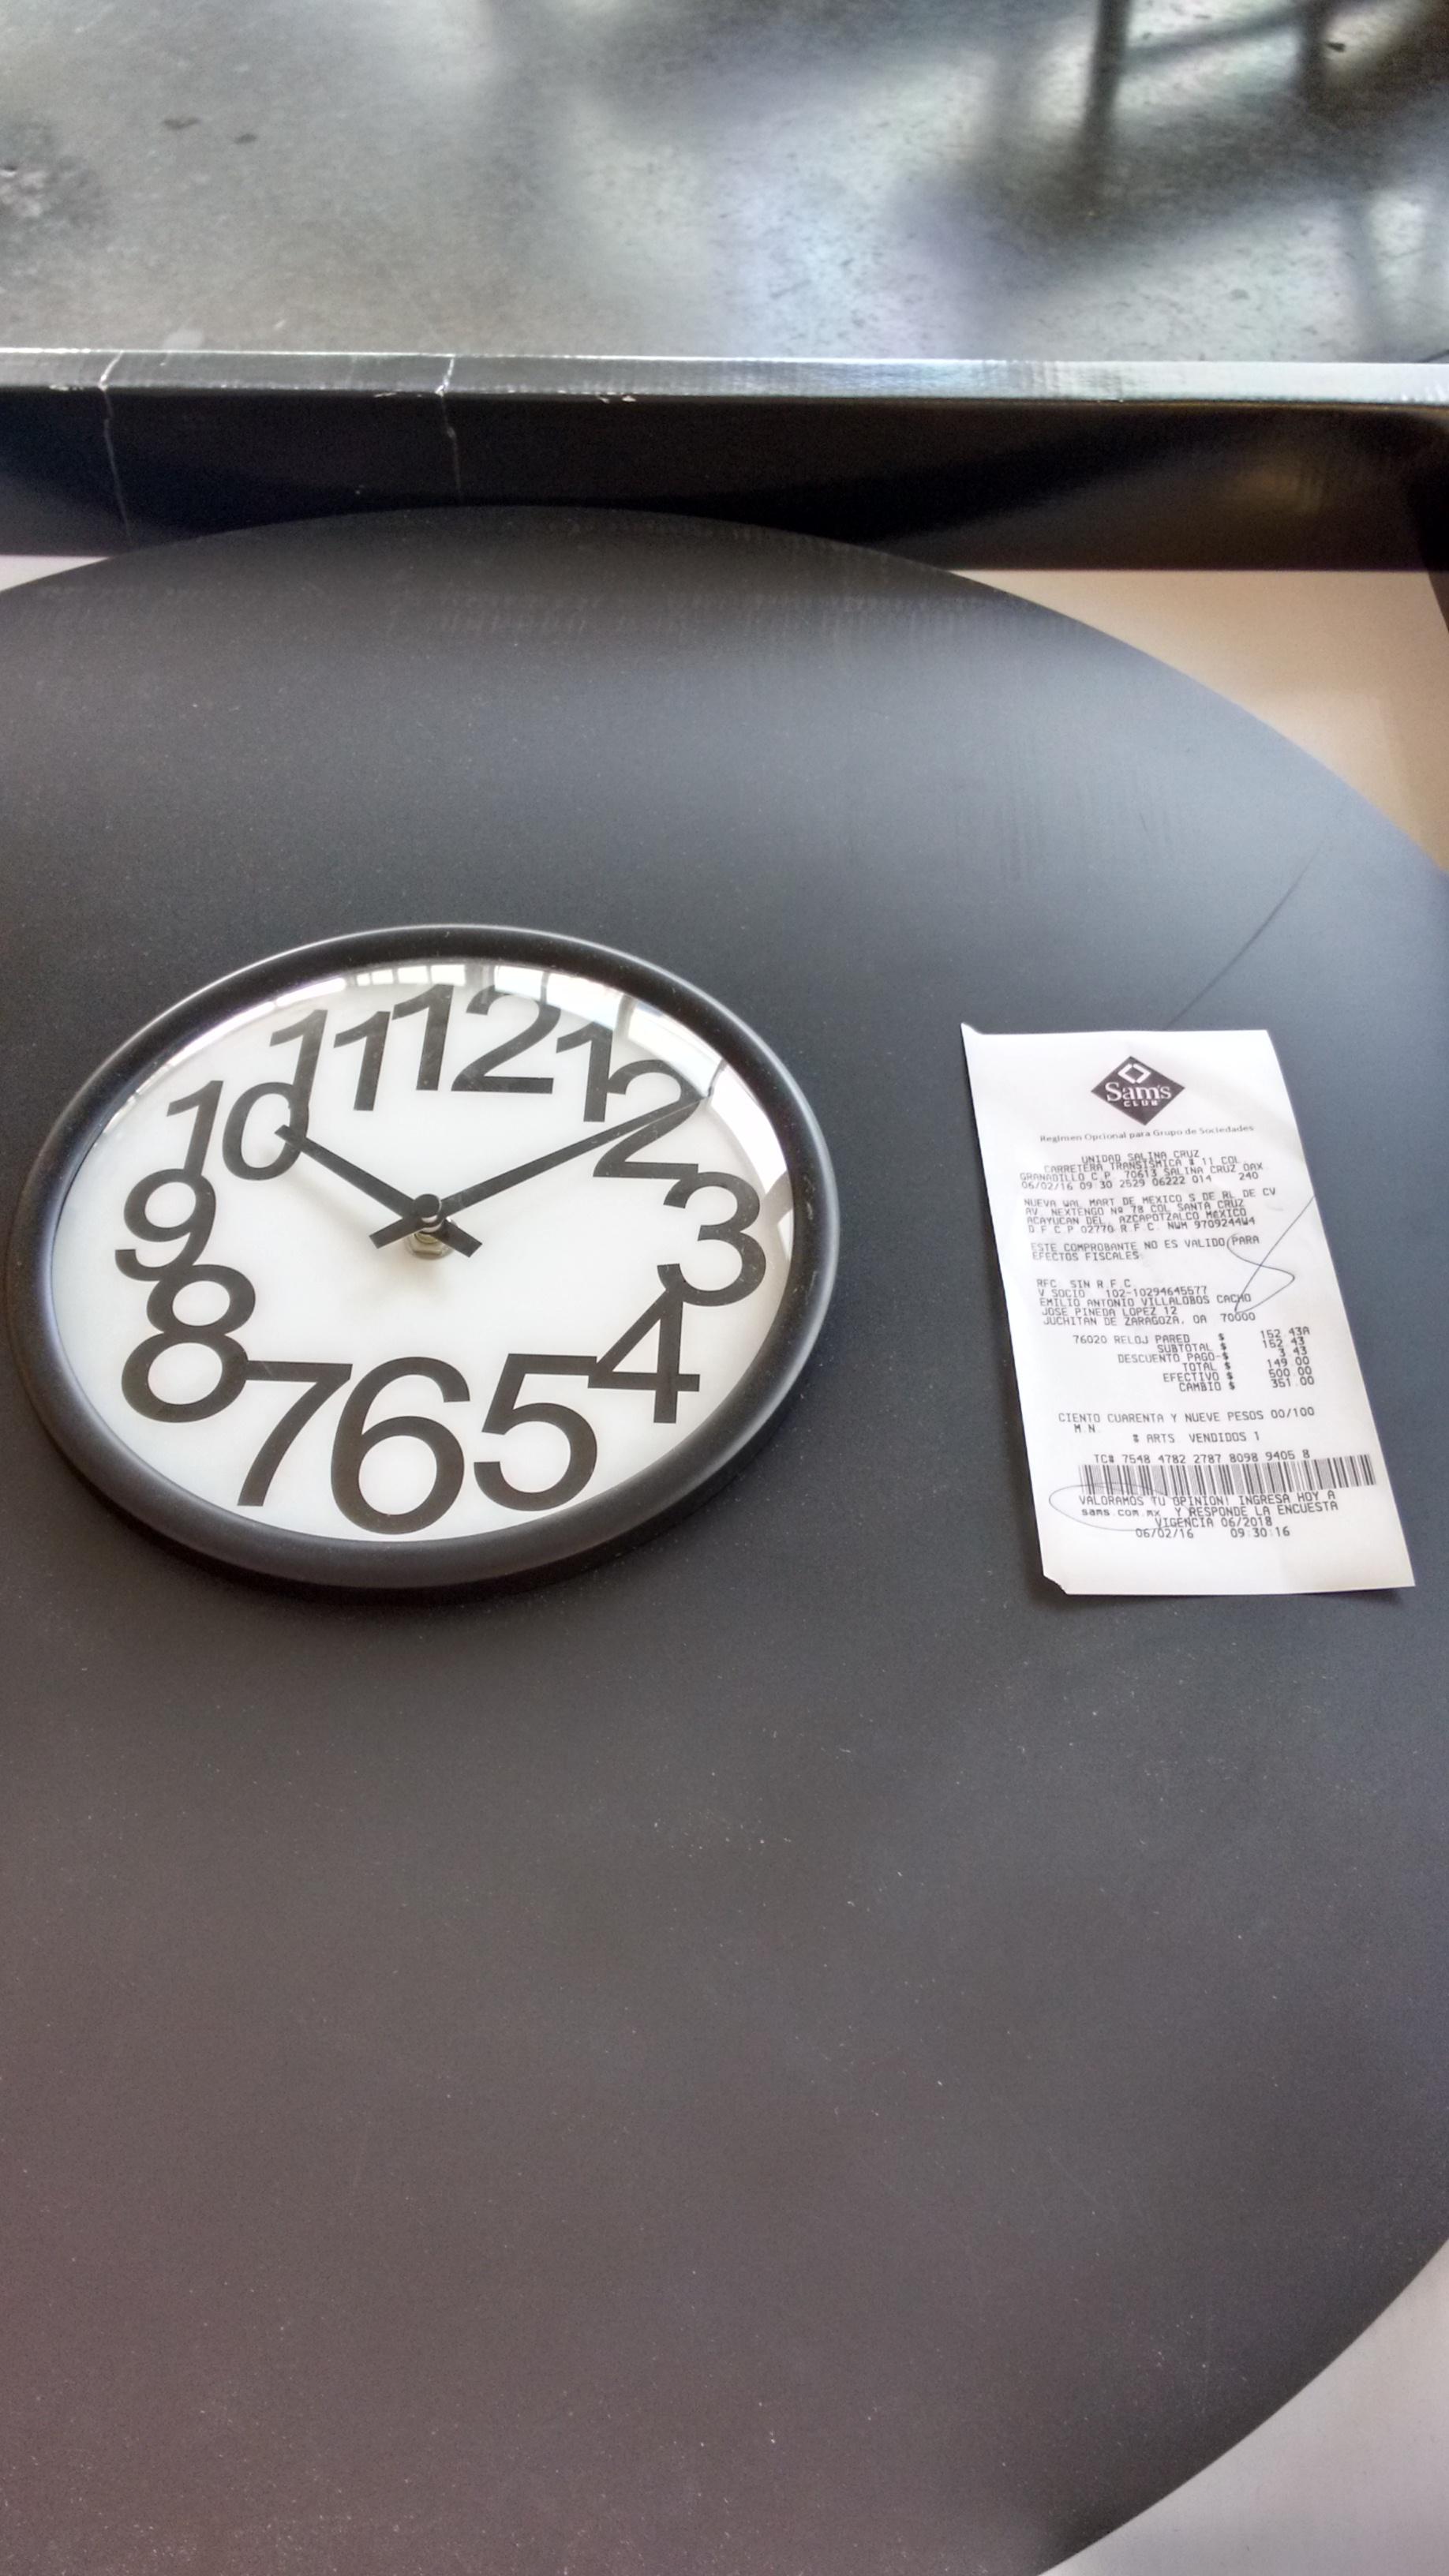 Sam's Club Salina Cruz: Bonito reloj de pared grande a $150